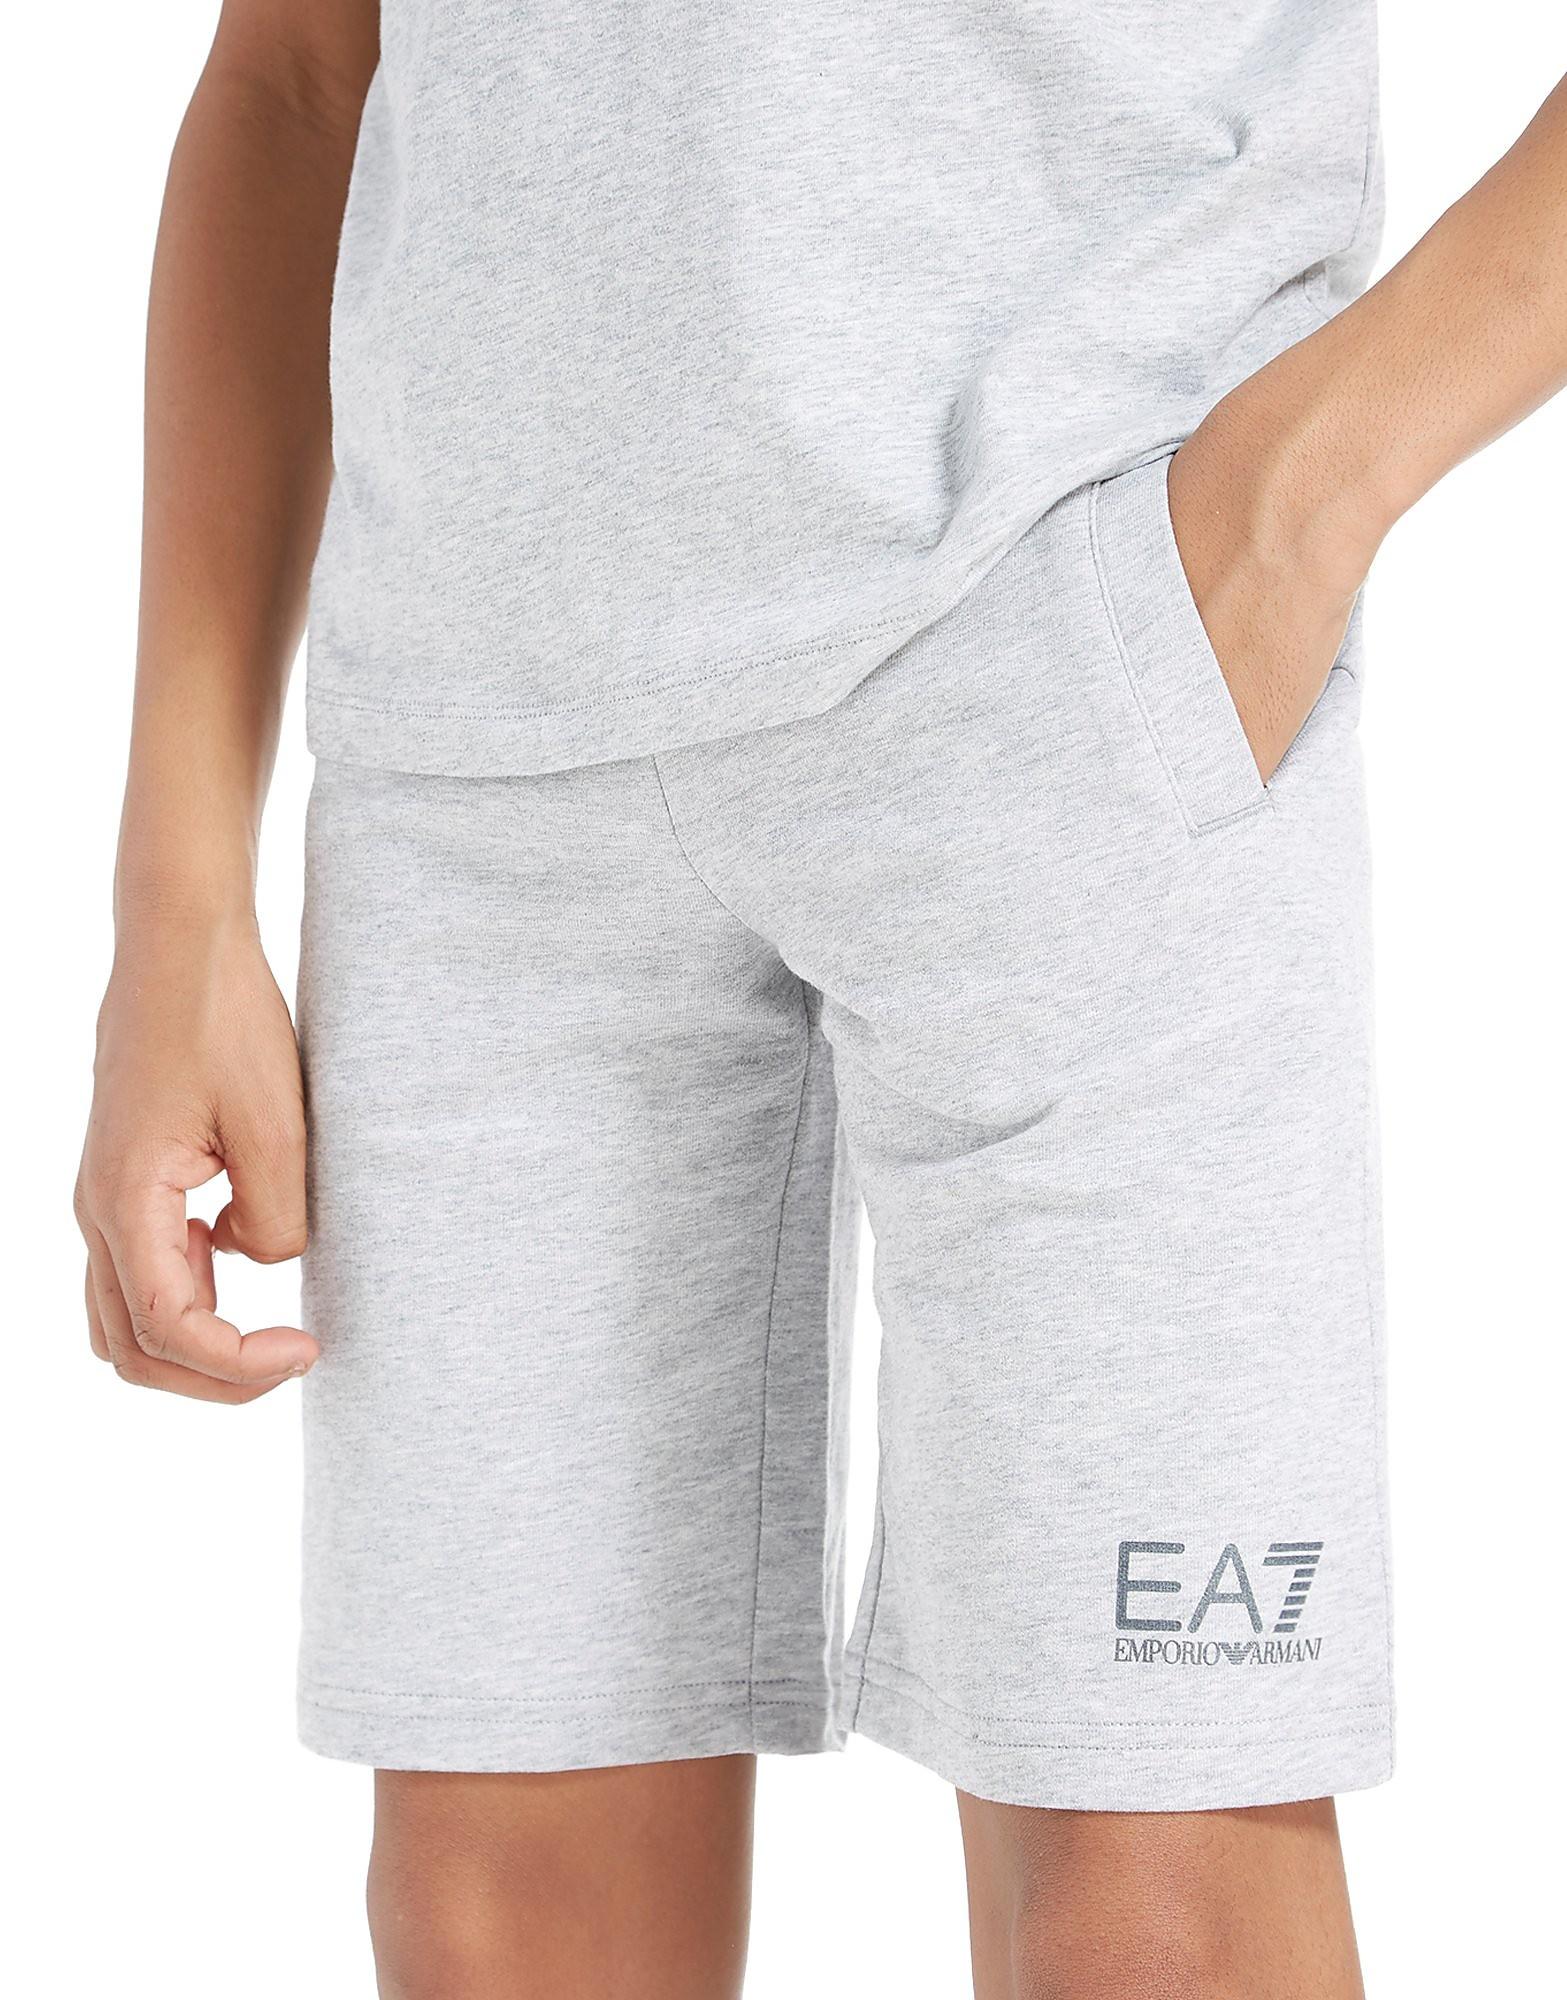 Emporio Armani EA7 Core Fleece Shorts Junior - Grijs - Kind